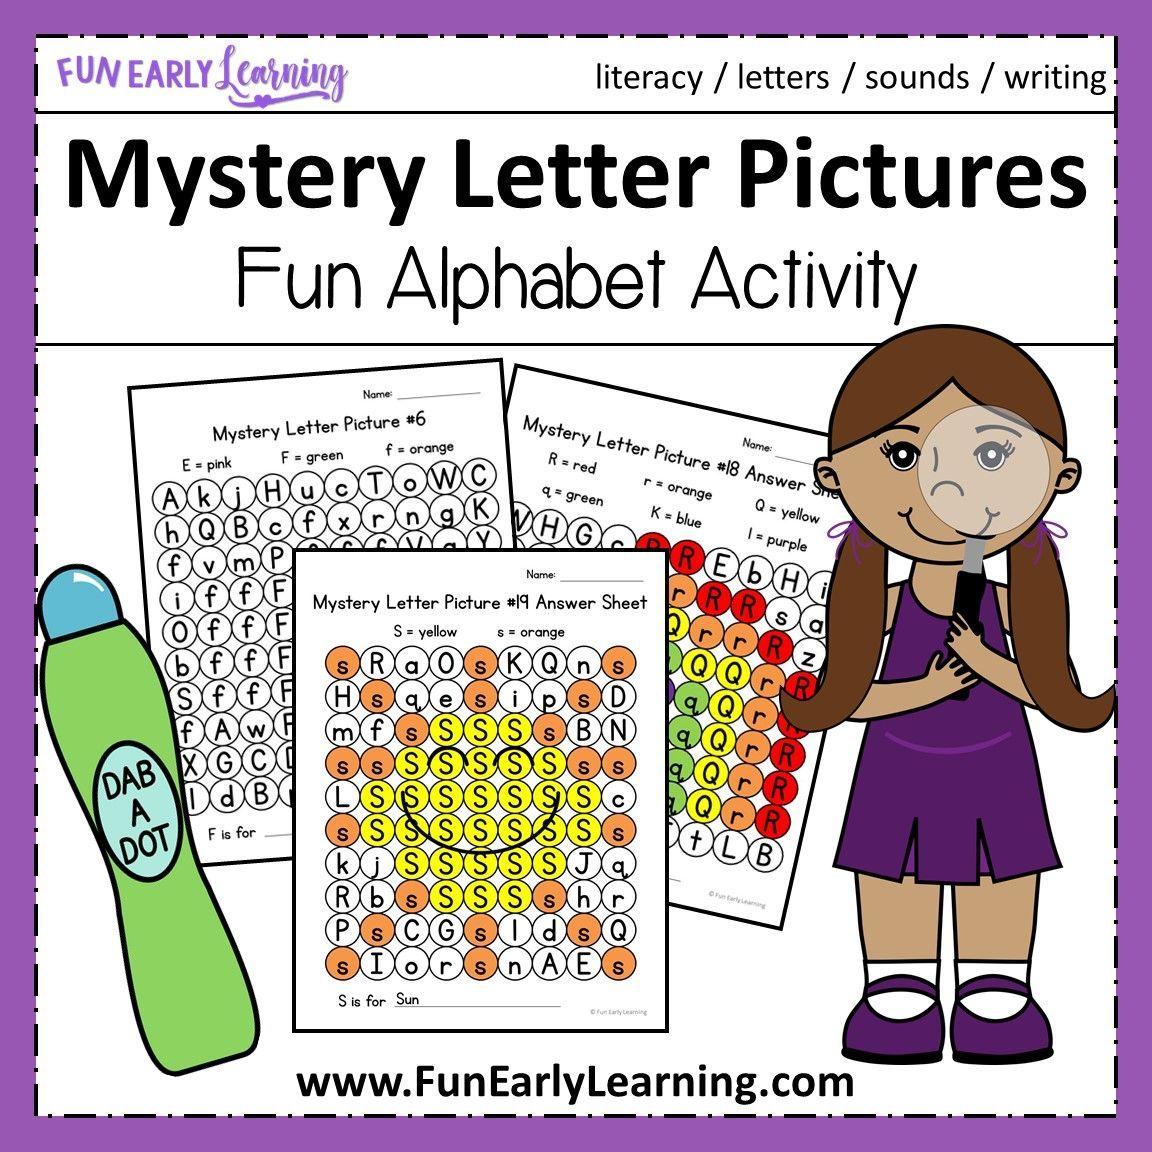 Mystery Letter Pictures Alphabet Activity For Preschool And Kindergarten Alphabet Activities Picture Letters Letter Learning Activities [ 1152 x 1152 Pixel ]